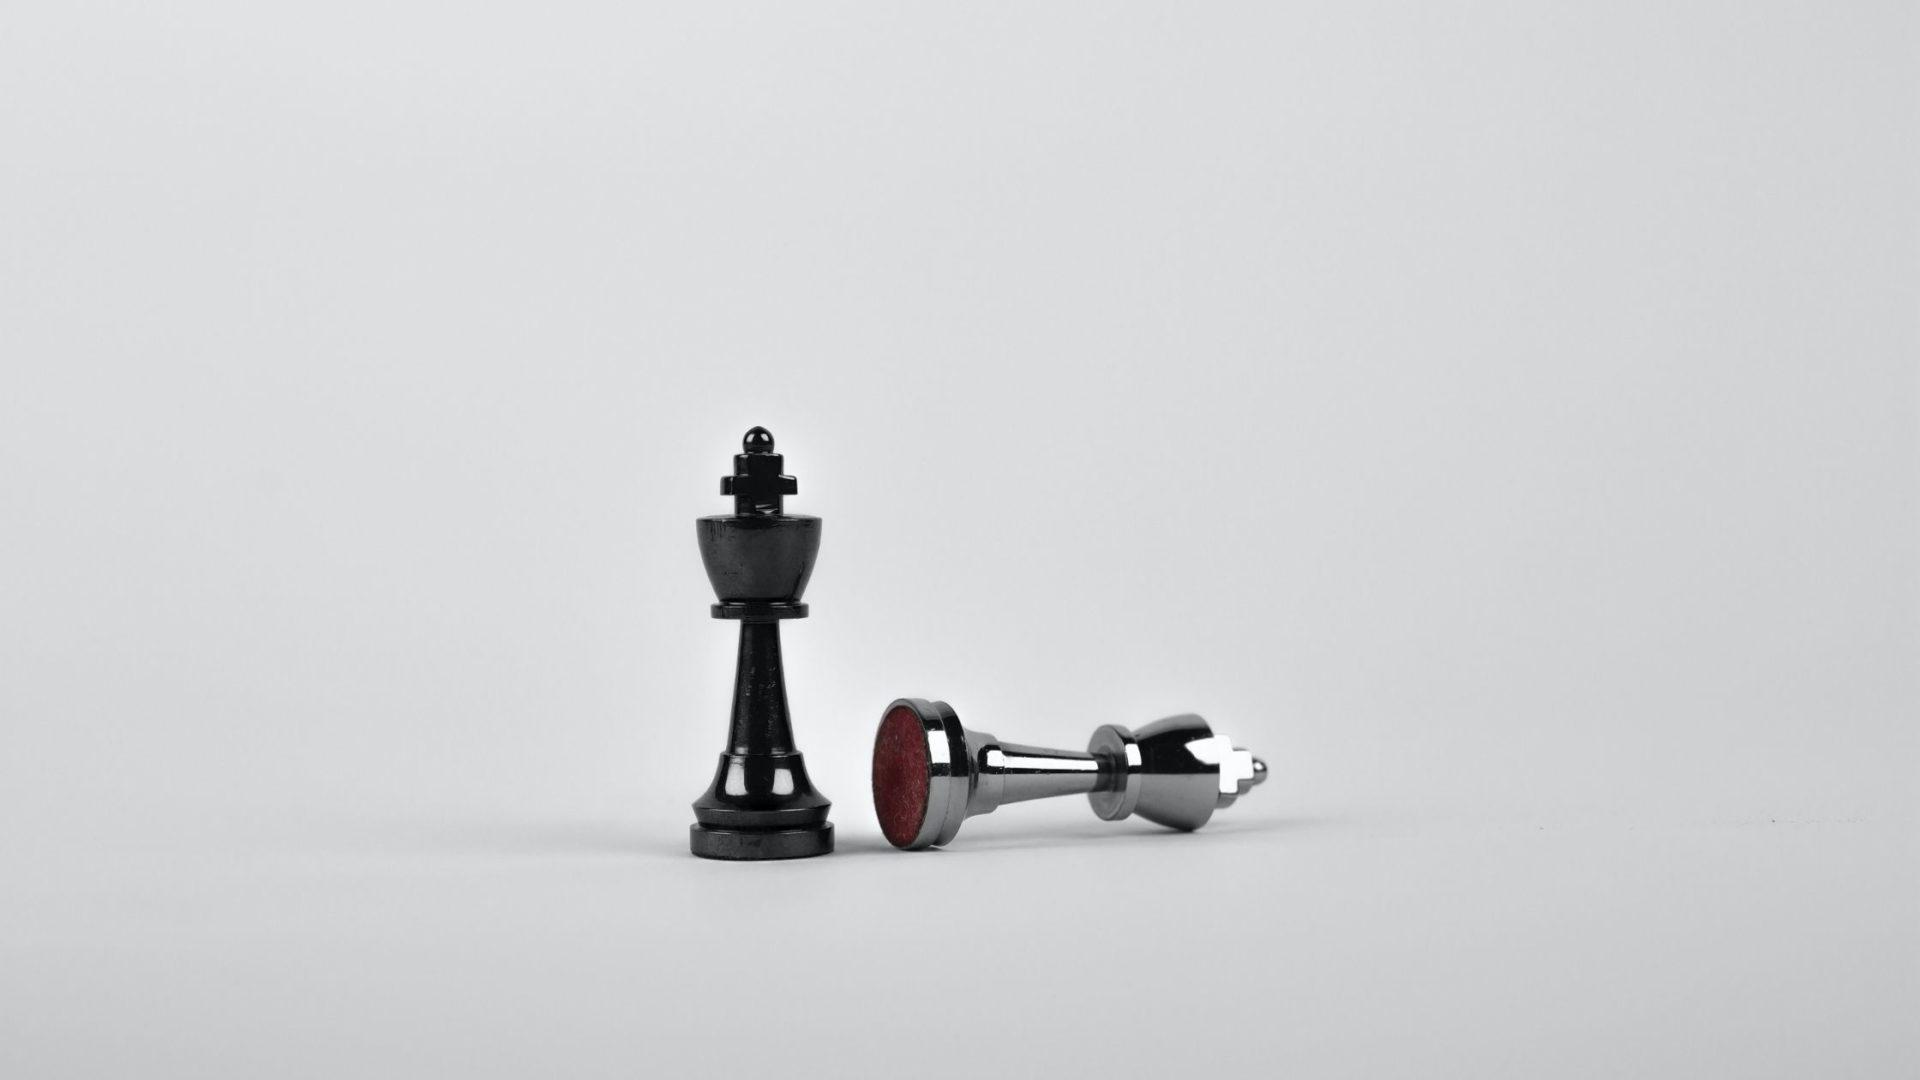 3 Conseils pour Surmonter ses Échecs